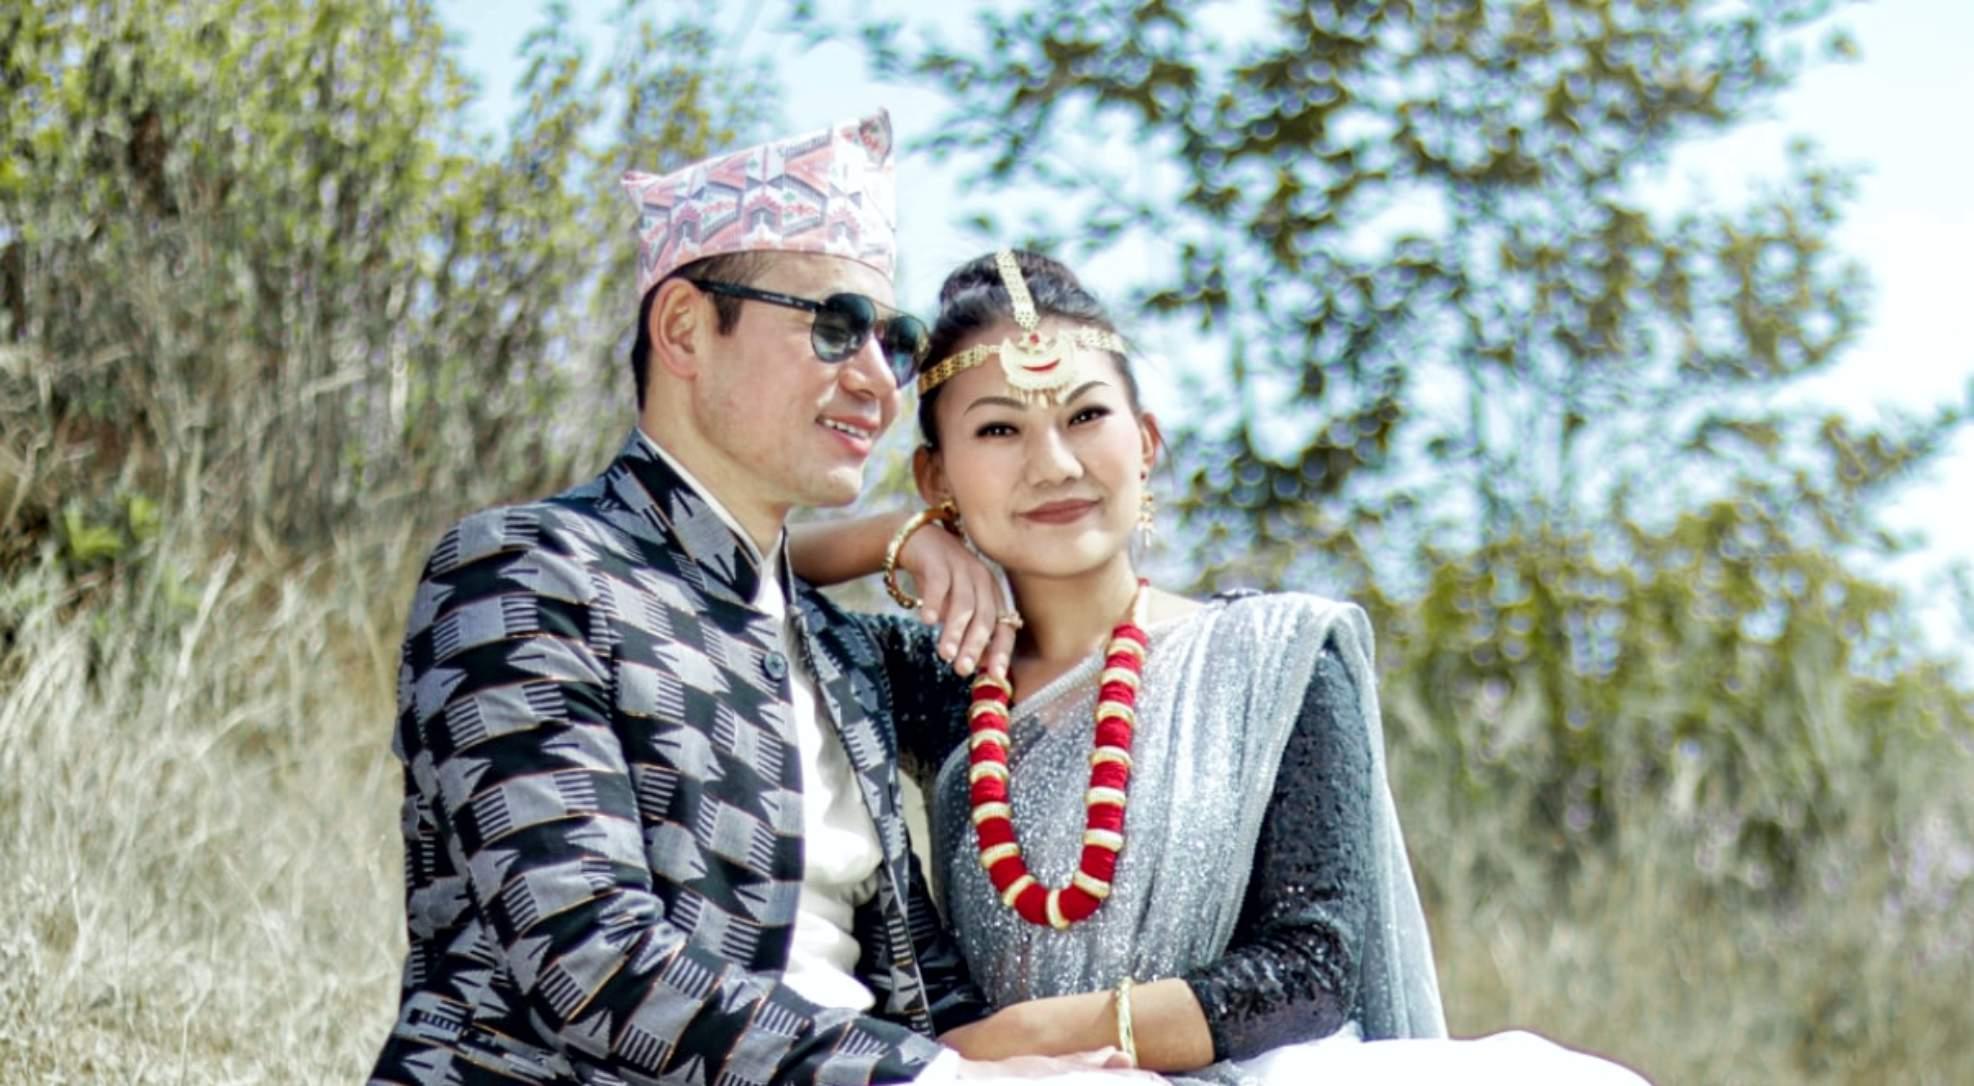 राजु र सिताको कर्णप्रिय आवाजमा 'इमानसिं ओरो लाभुम्बा' सार्वजनिक(भिडियो सहित)